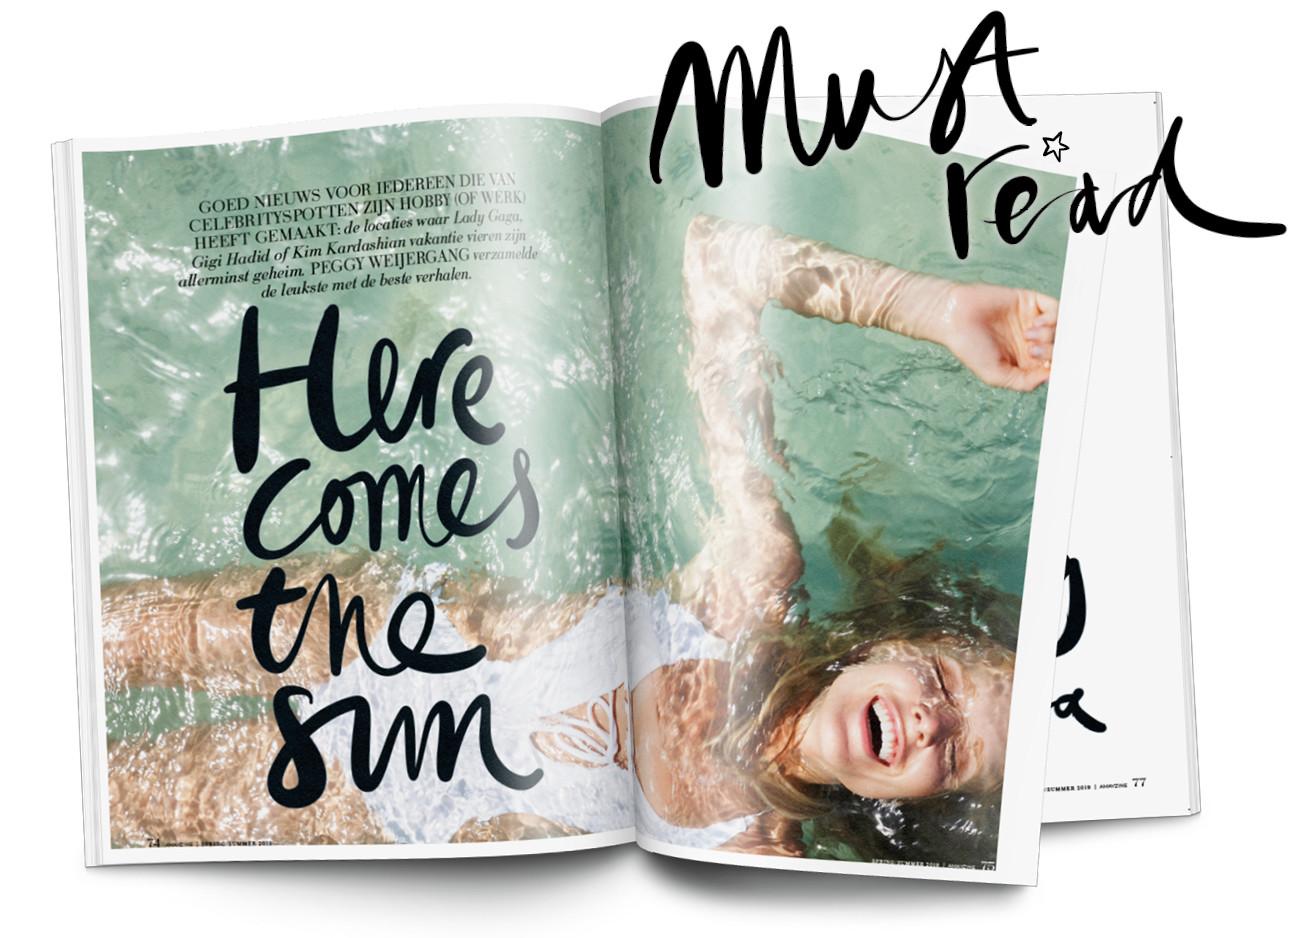 beeld uit het magazine met een meisje dat in een badpak in de zee ligt